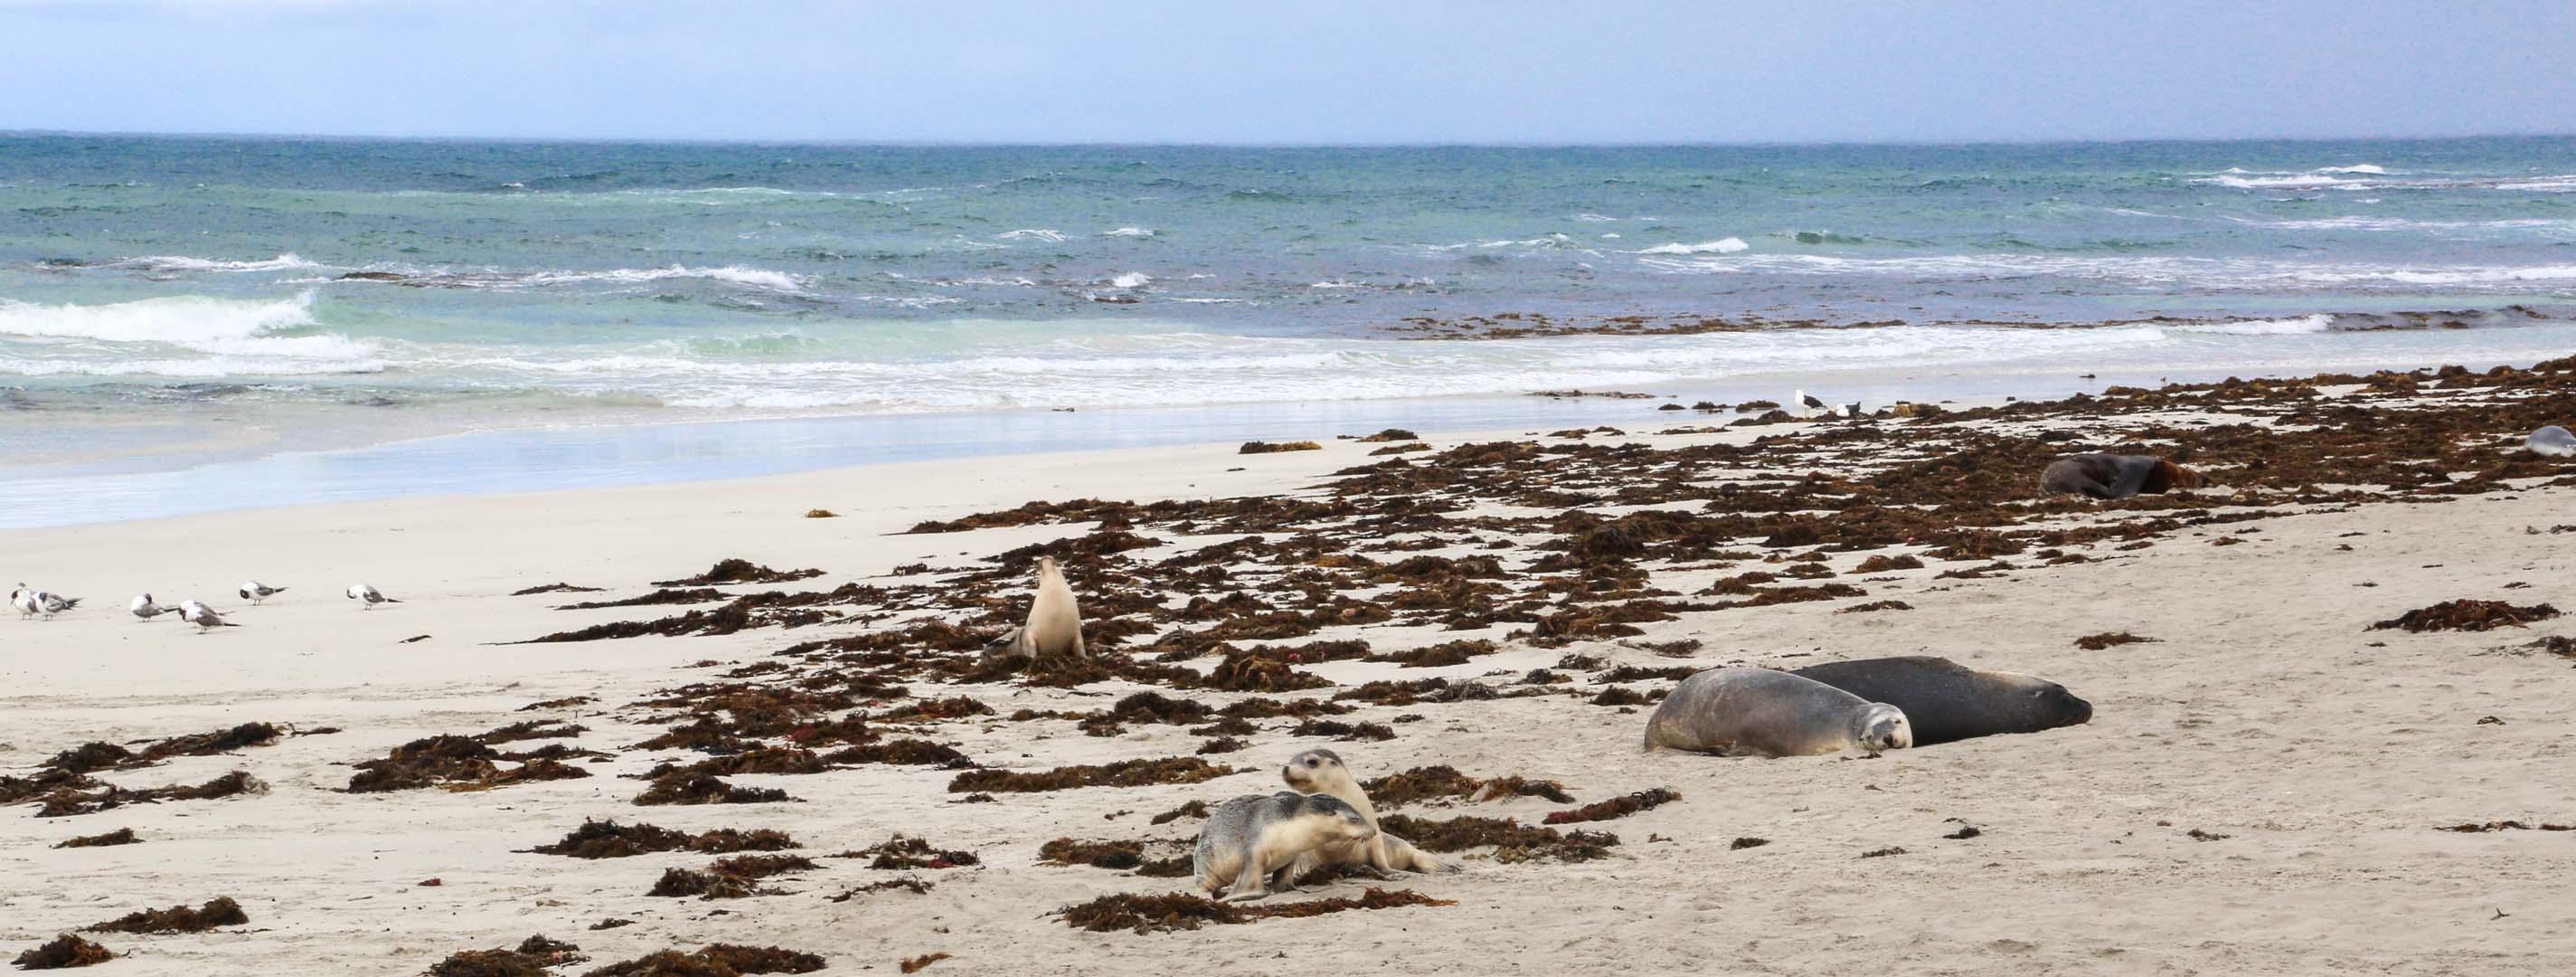 Kangaroo Island-2-3